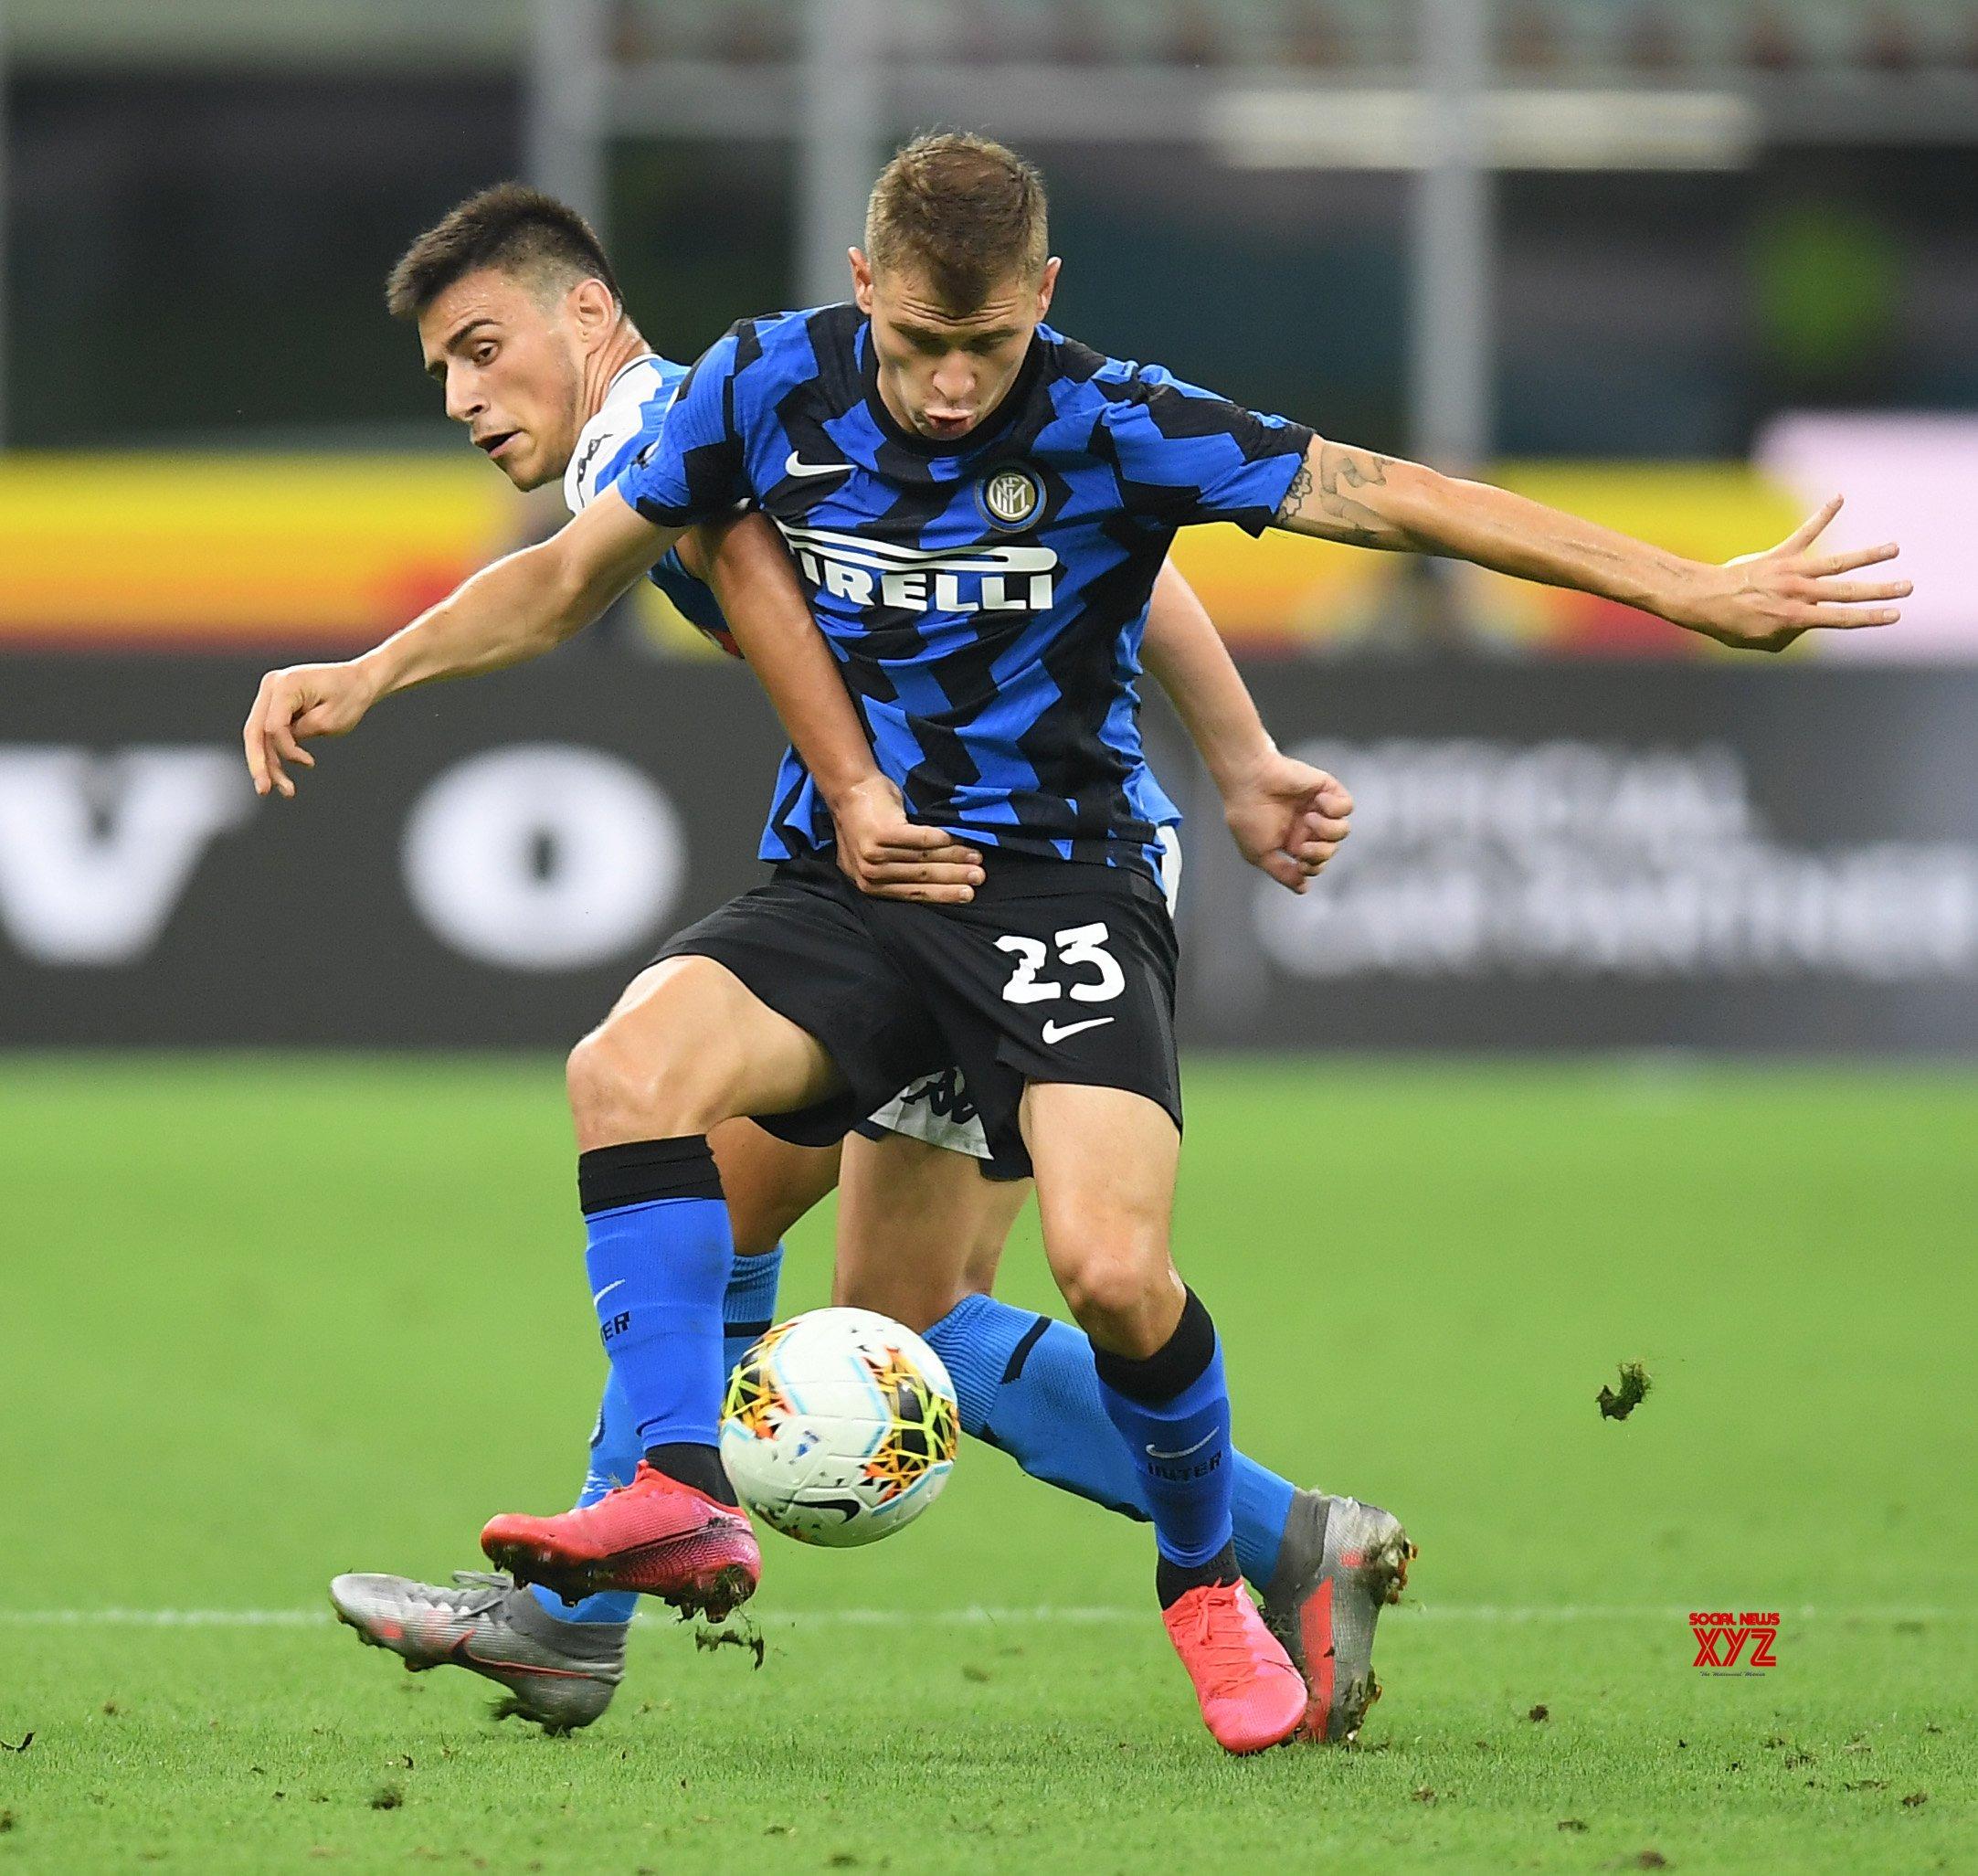 ITALY - MILAN - FOOTBALL - SERIE A - INTER MILAN VS NAPOLI #Gallery